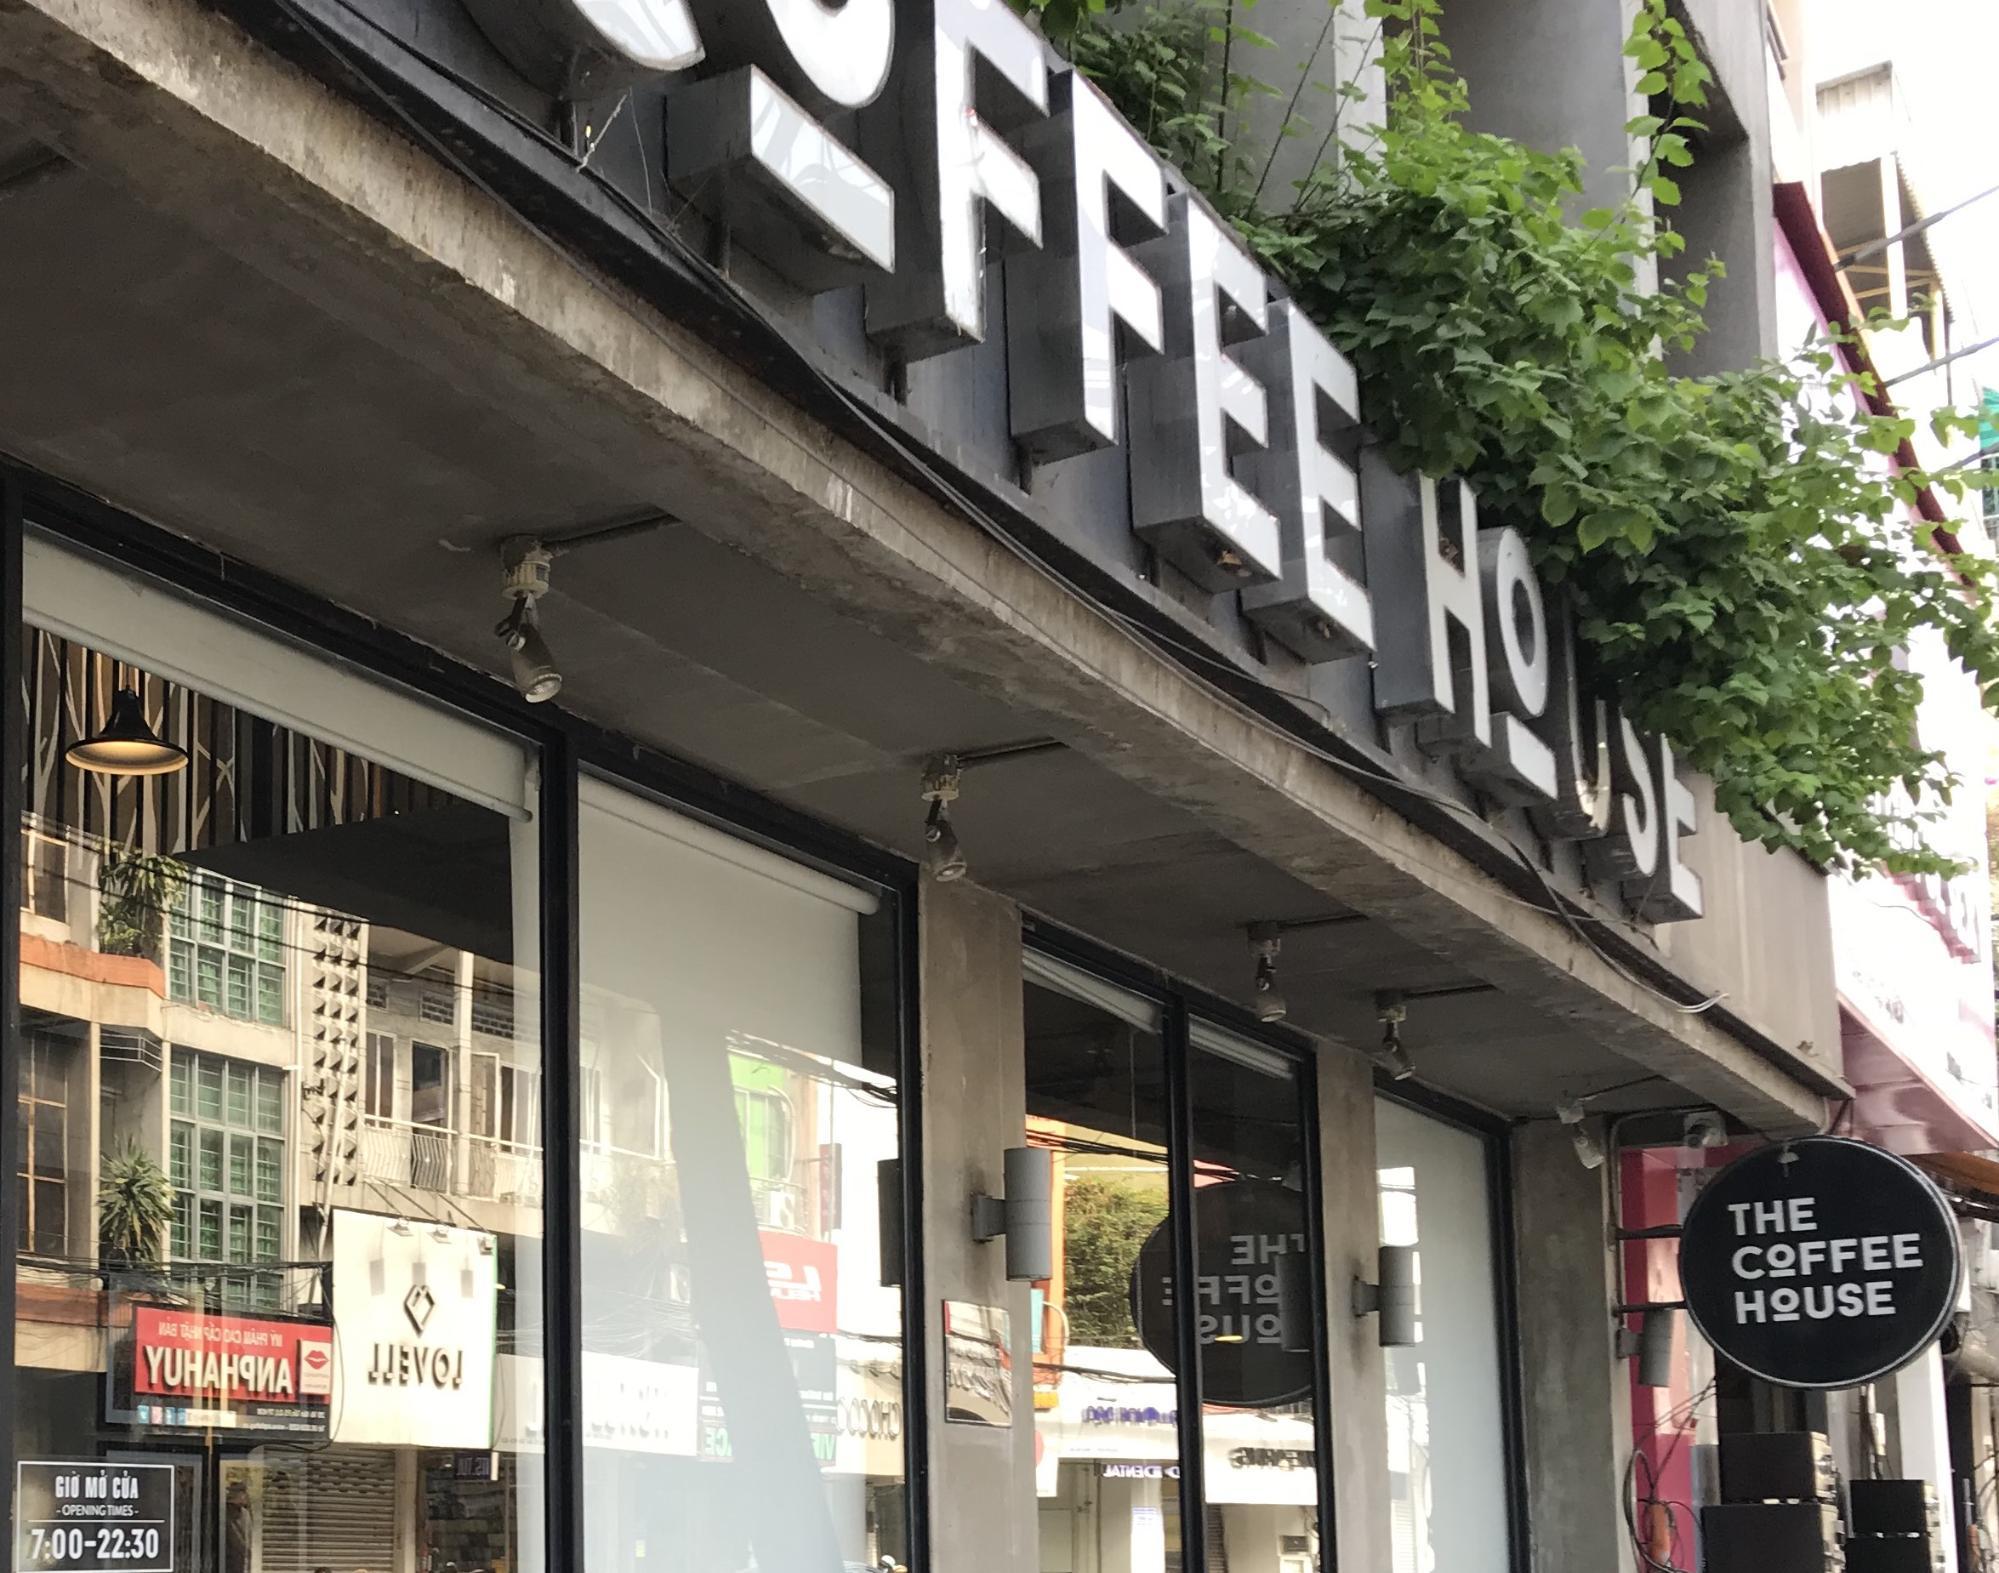 ホーチミン・現地で有名なチェーン店のカフェ①: The coffee houseの外観